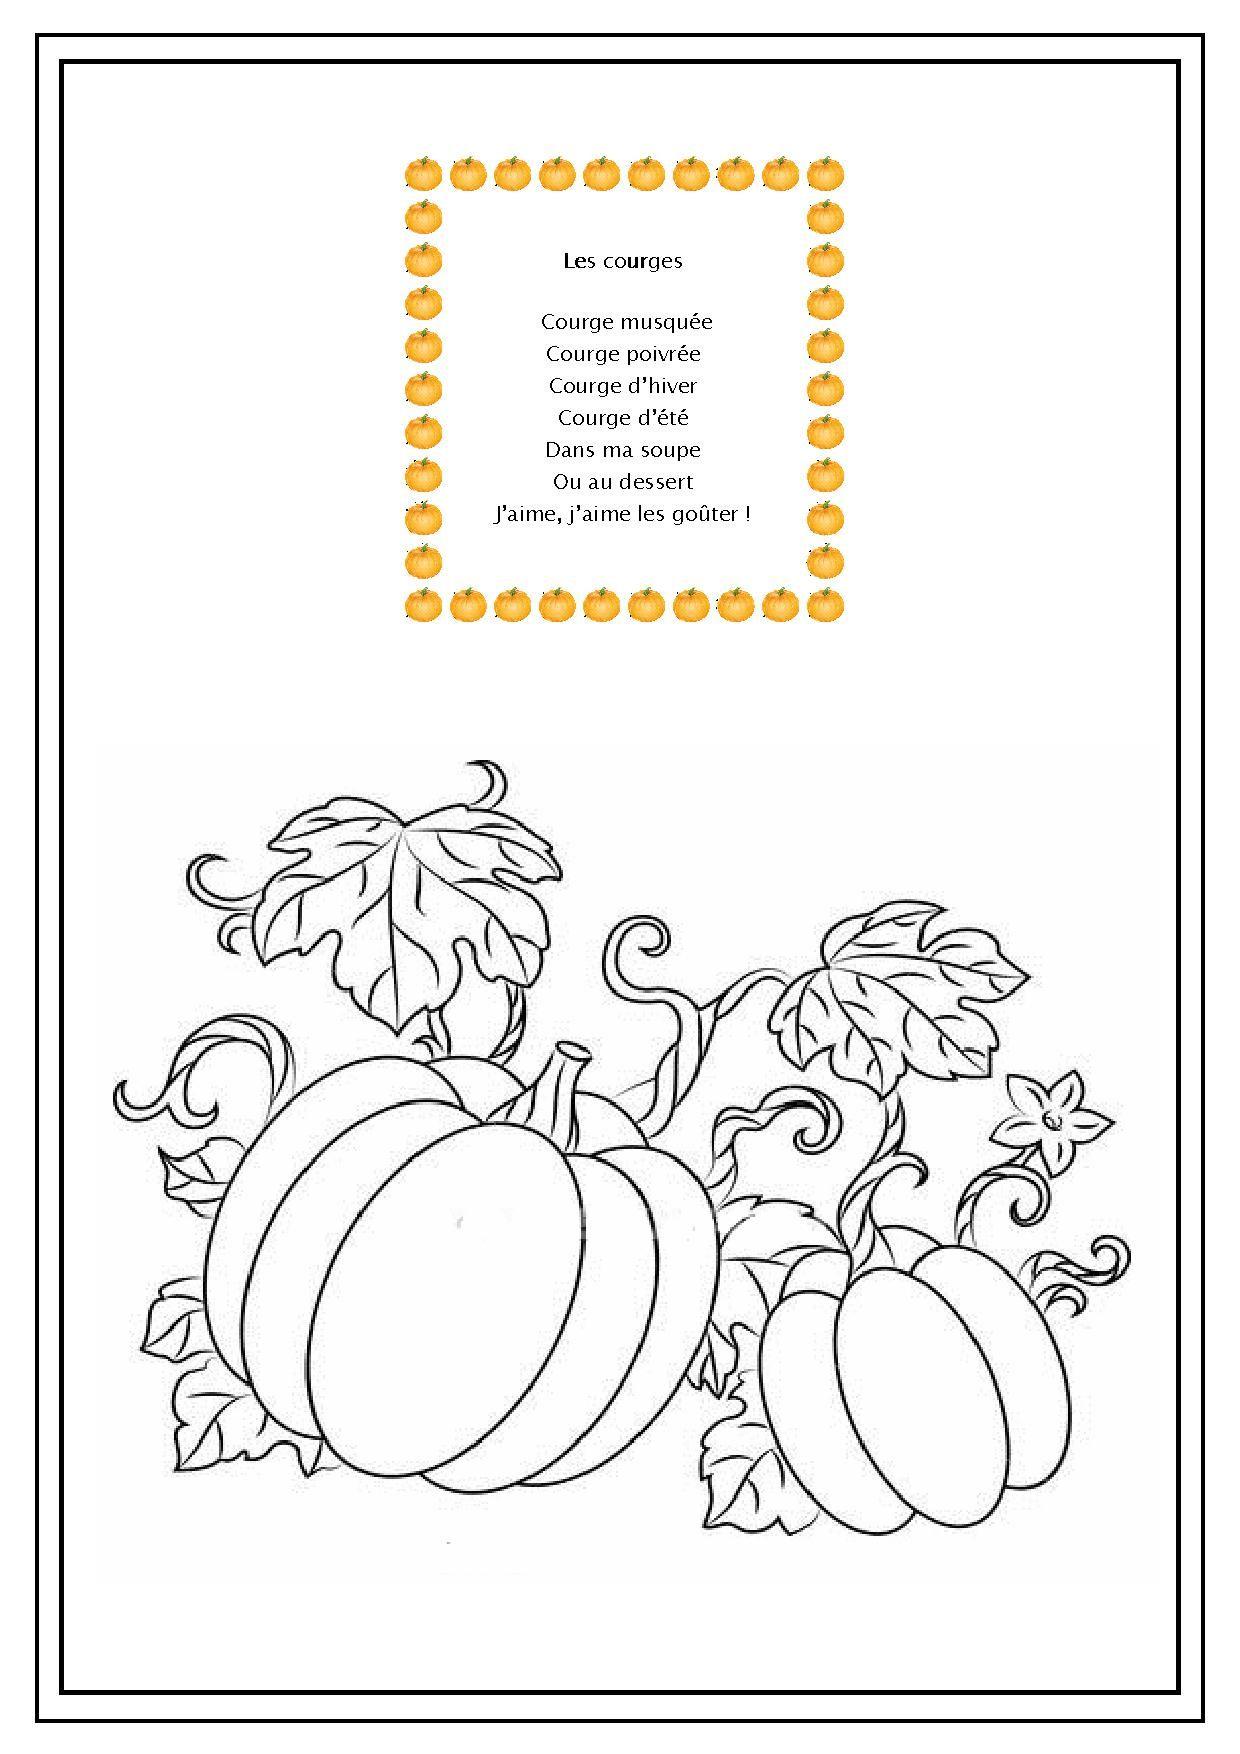 Imagier imprimer les lgumes thme fruits et lgumes - Fruits automne maternelle ...